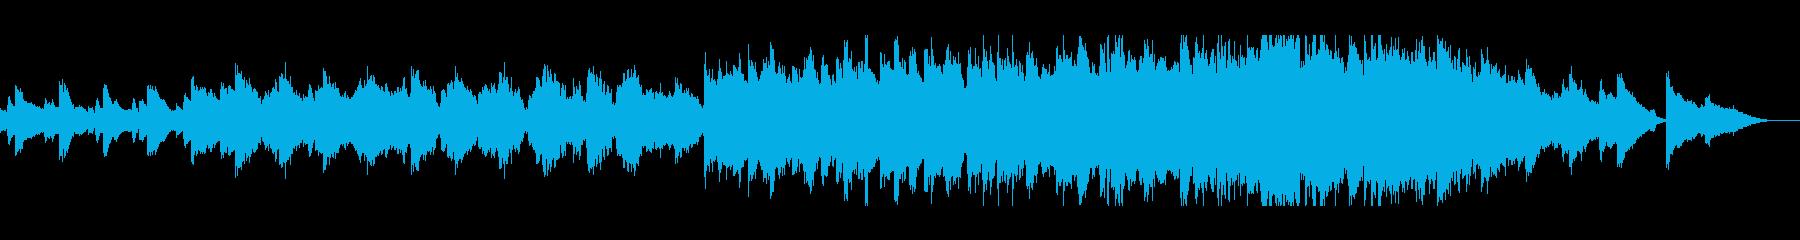 琴の音色が日本的なシンセミュージックの再生済みの波形